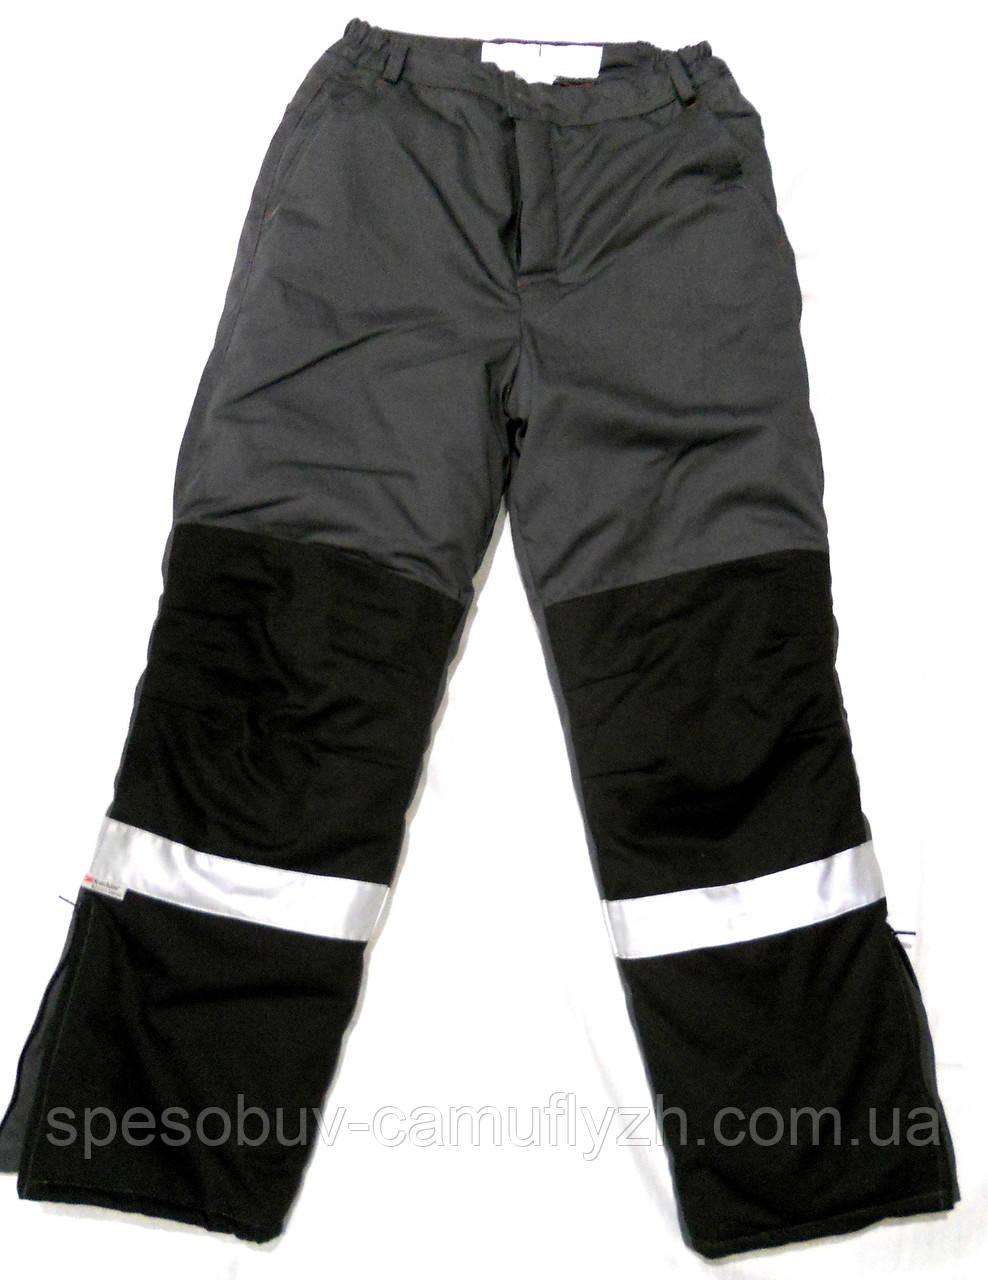 Зимние штаны Термо Брюки Охота Рыбалка Север до -40  р 48,50,52,54 рост 170-180, и 180-190. Очень тёплые!